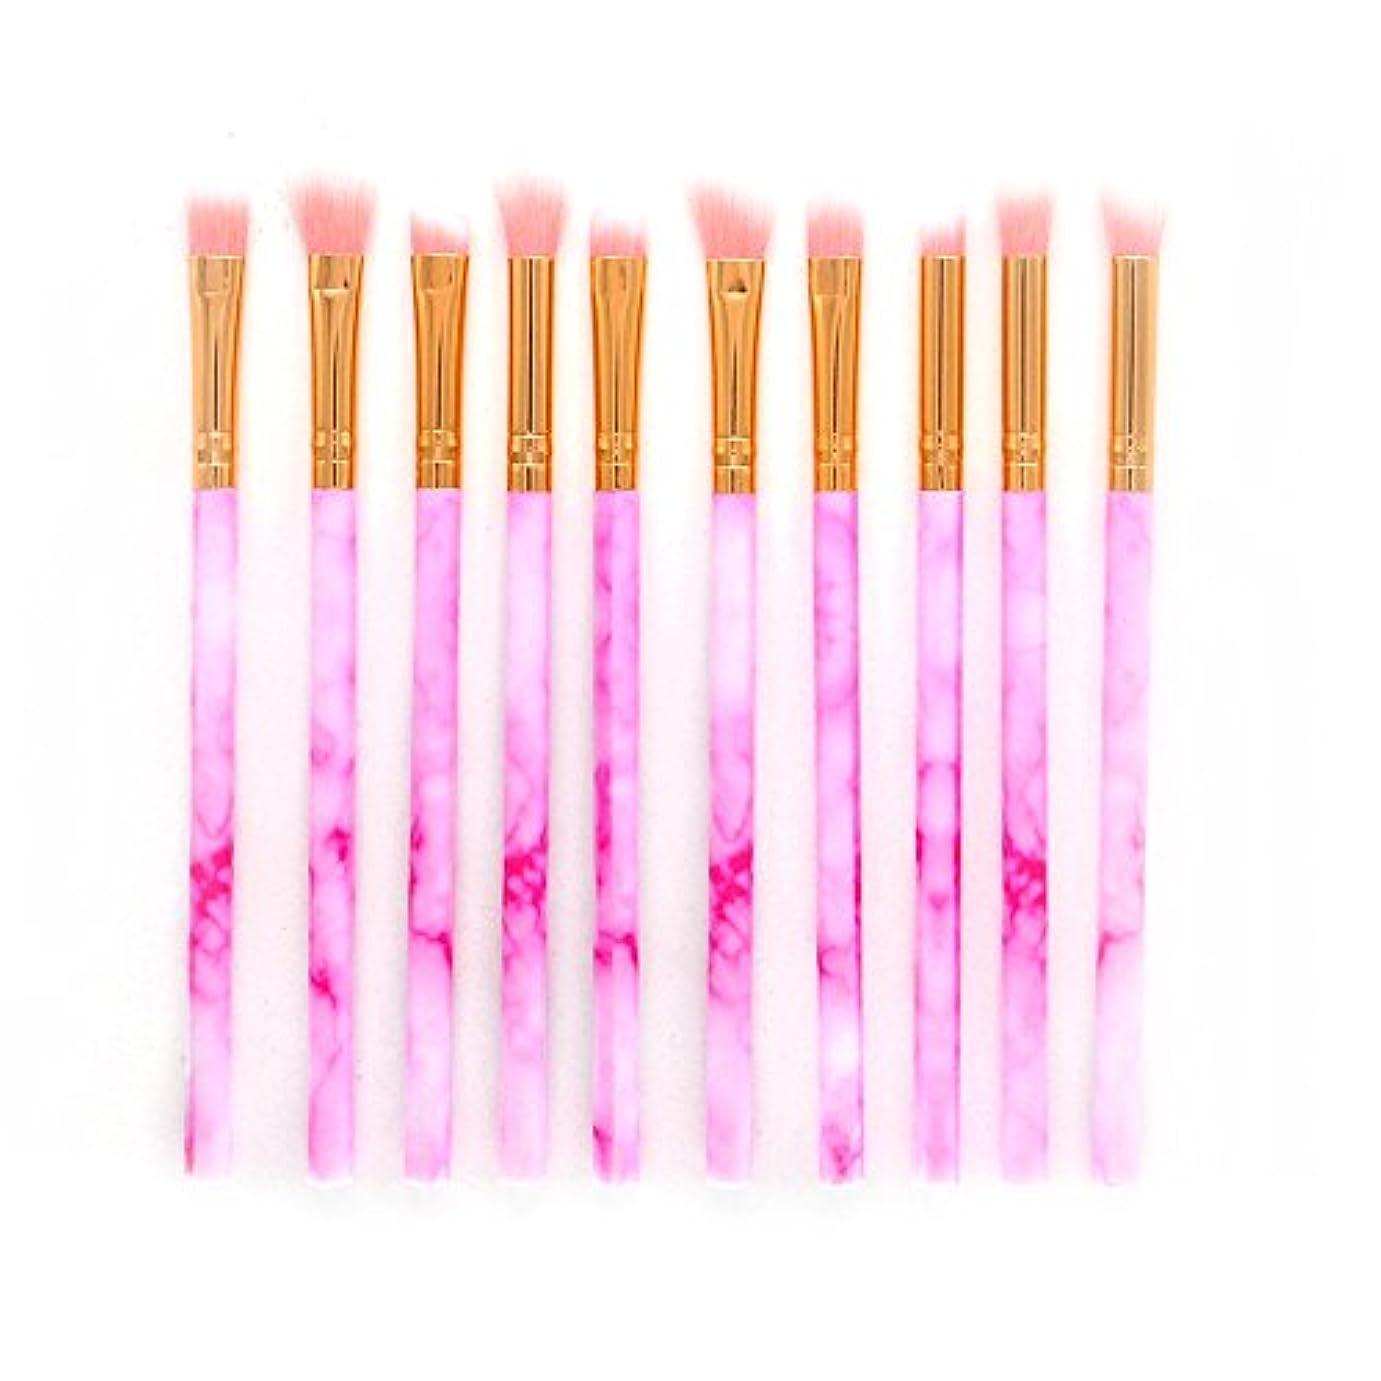 想像する調停する信号笑え熊 化粧筆 メイク 筆 限定版 アイシャドーブラシ 10本セット 化粧ブラシ おしゃれ 日常の化粧 集まる化粧